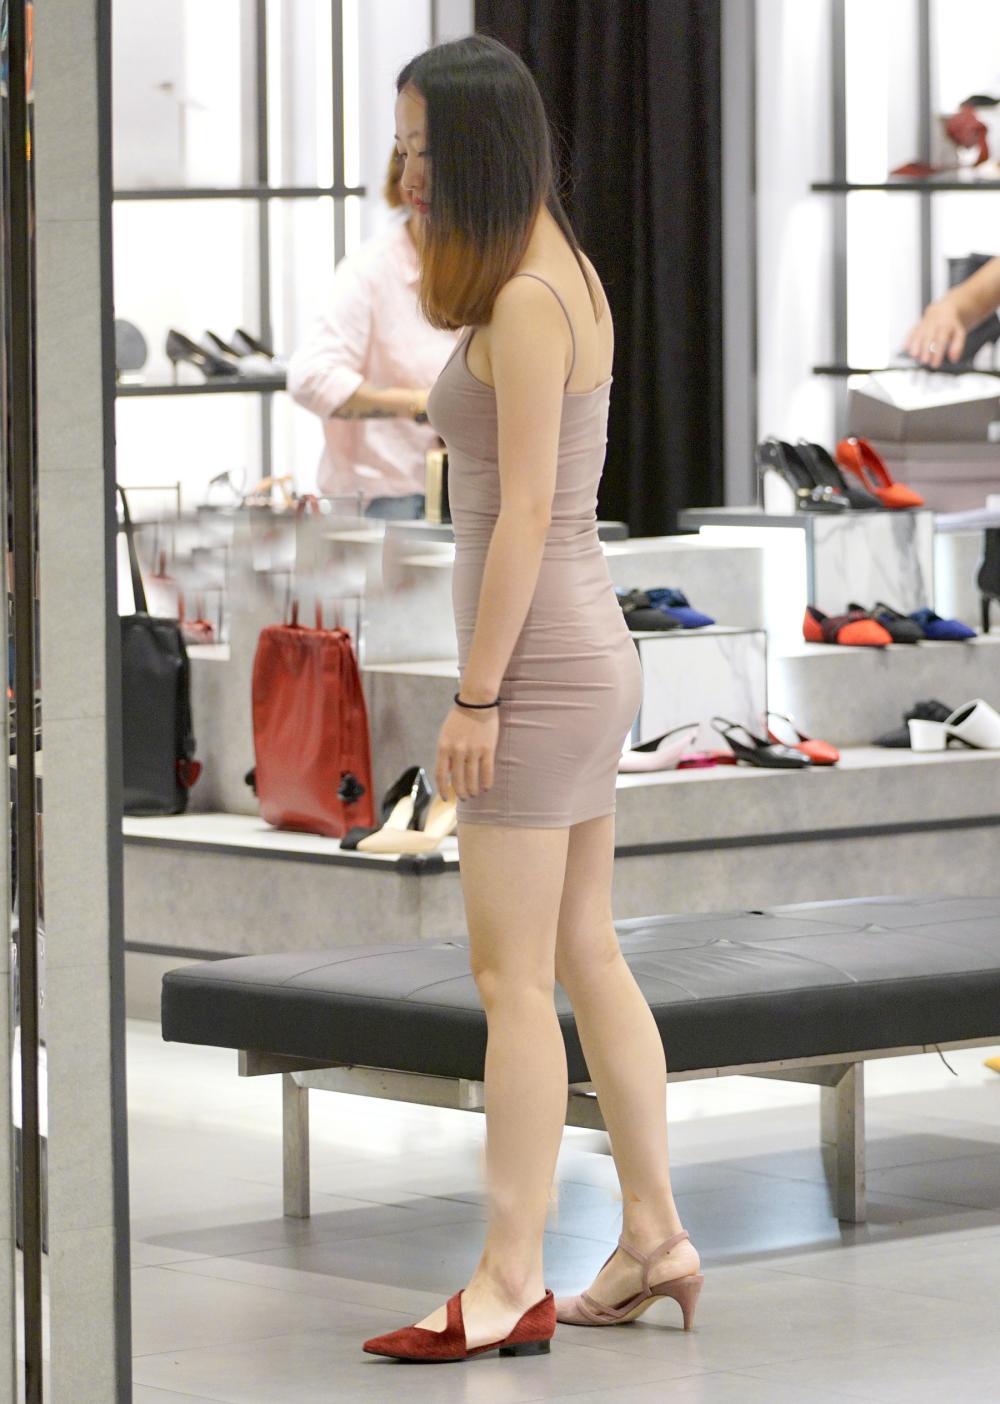 牛仔裤: 百搭经典又显瘦穿出你的迷人背影 7